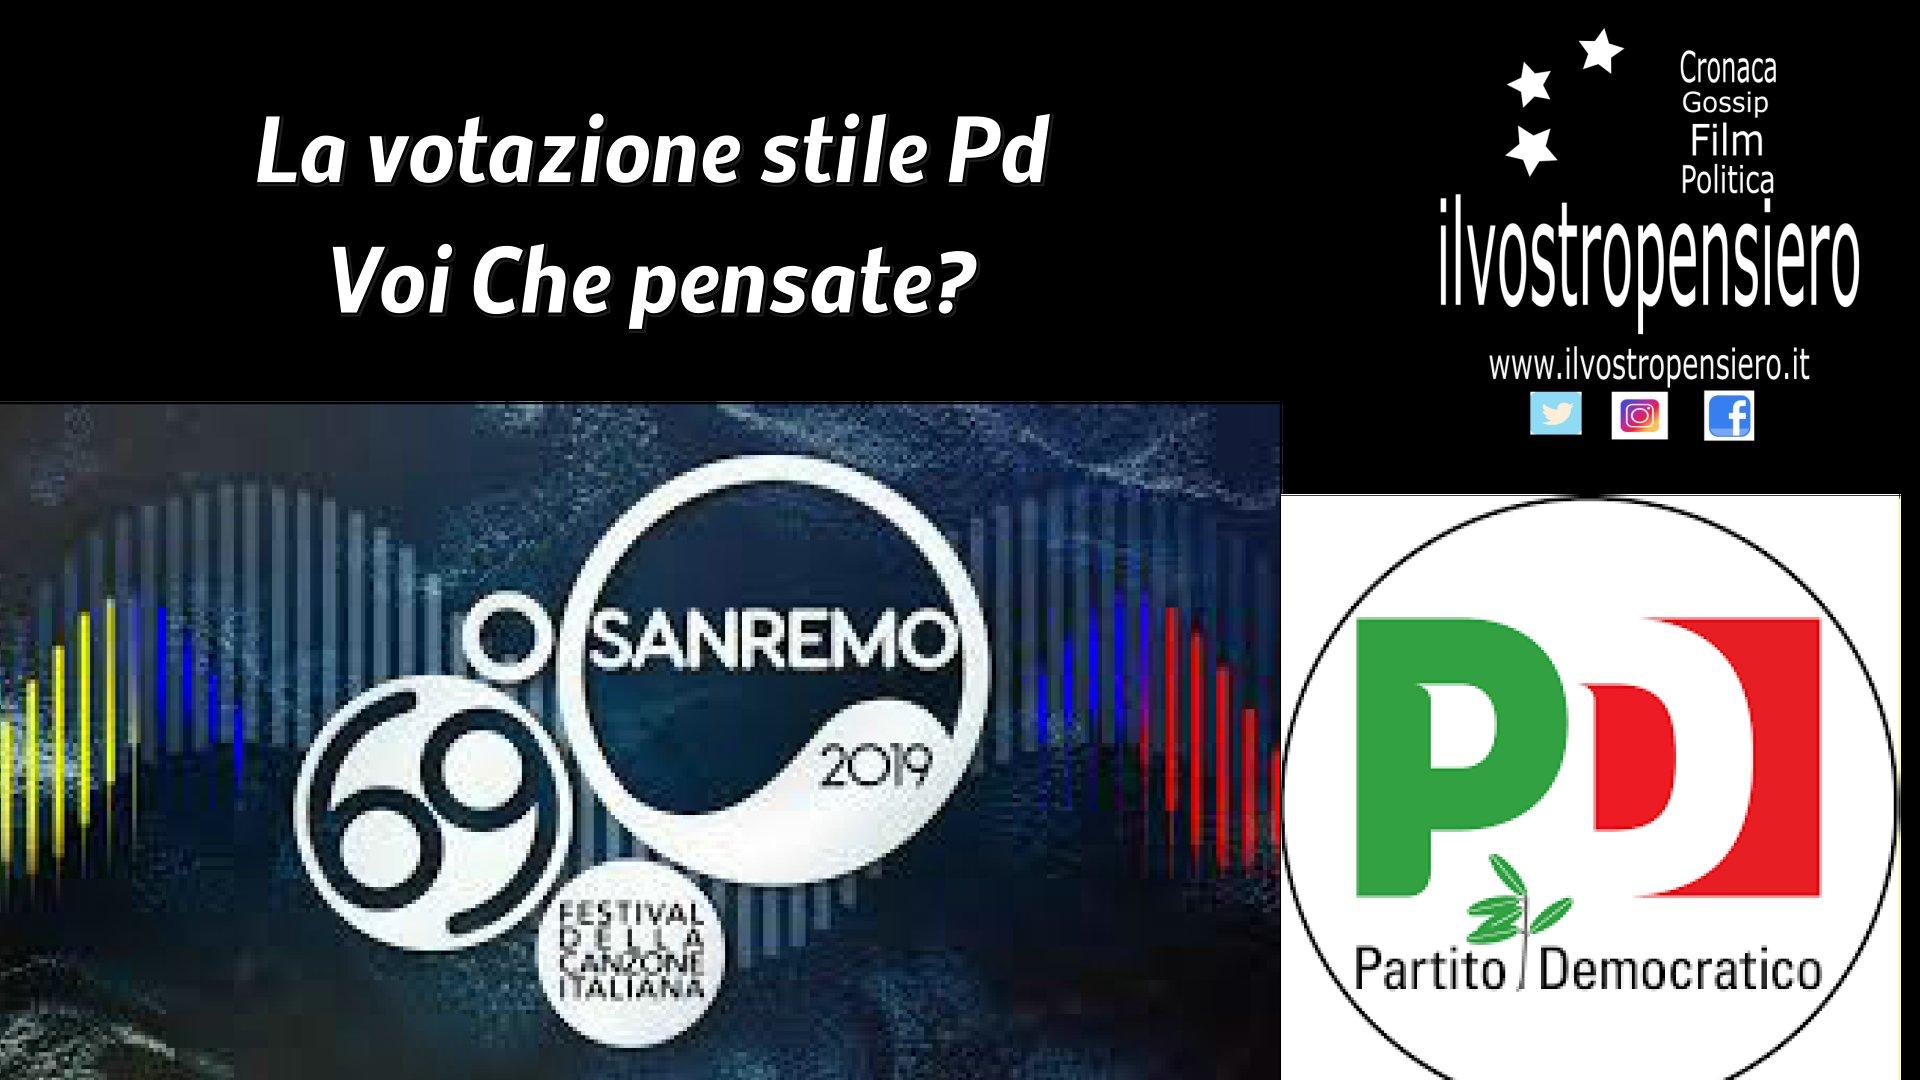 Lo stile di votazione del Festival di Sanremo,come quello del Pd